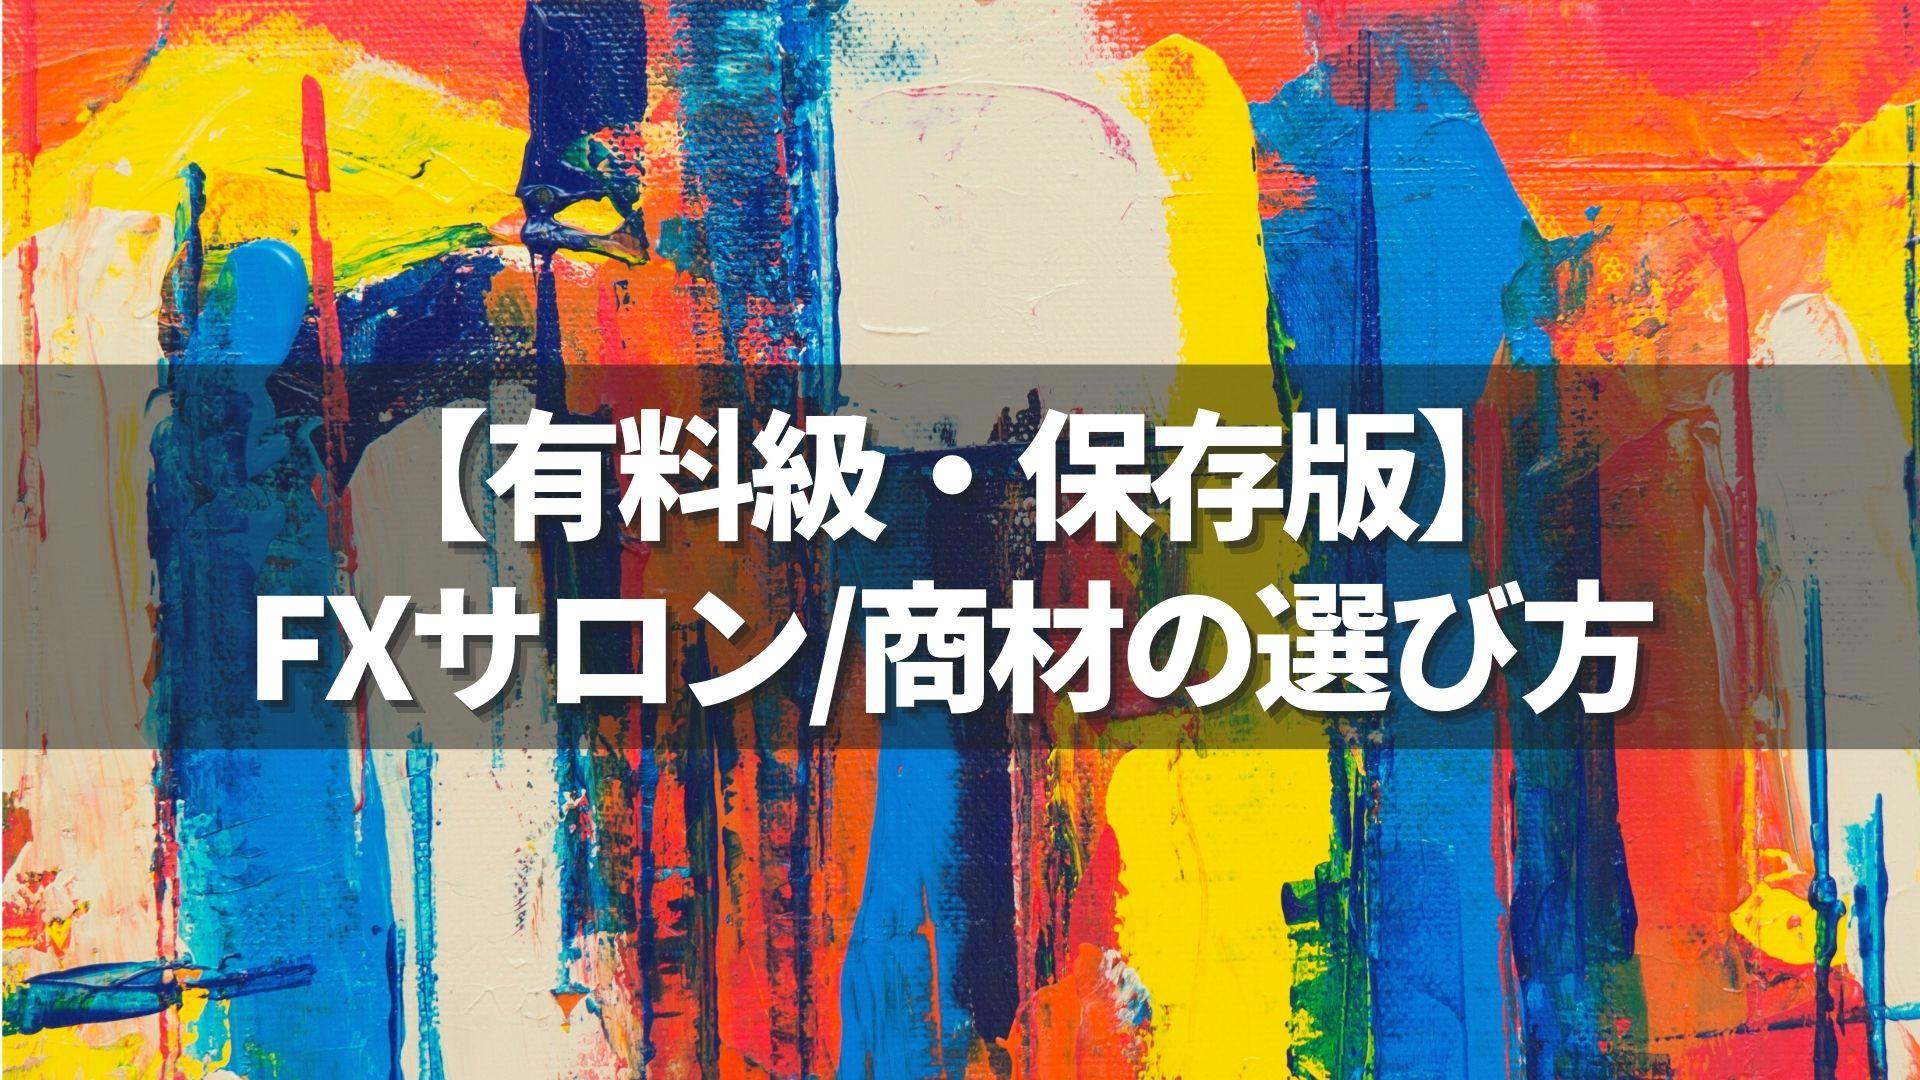 【保存版】FXサロン/商材の選び方【有料無料】